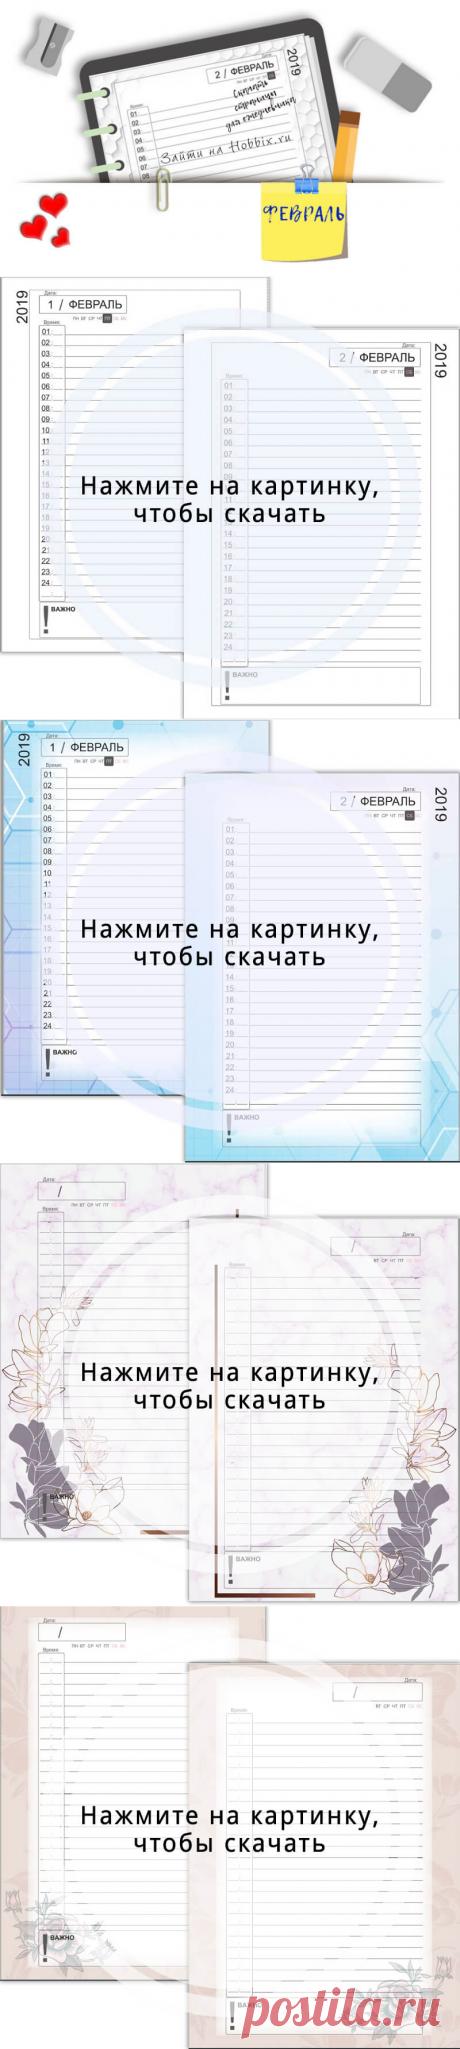 Страницы для ежедневника февраль 2019 года